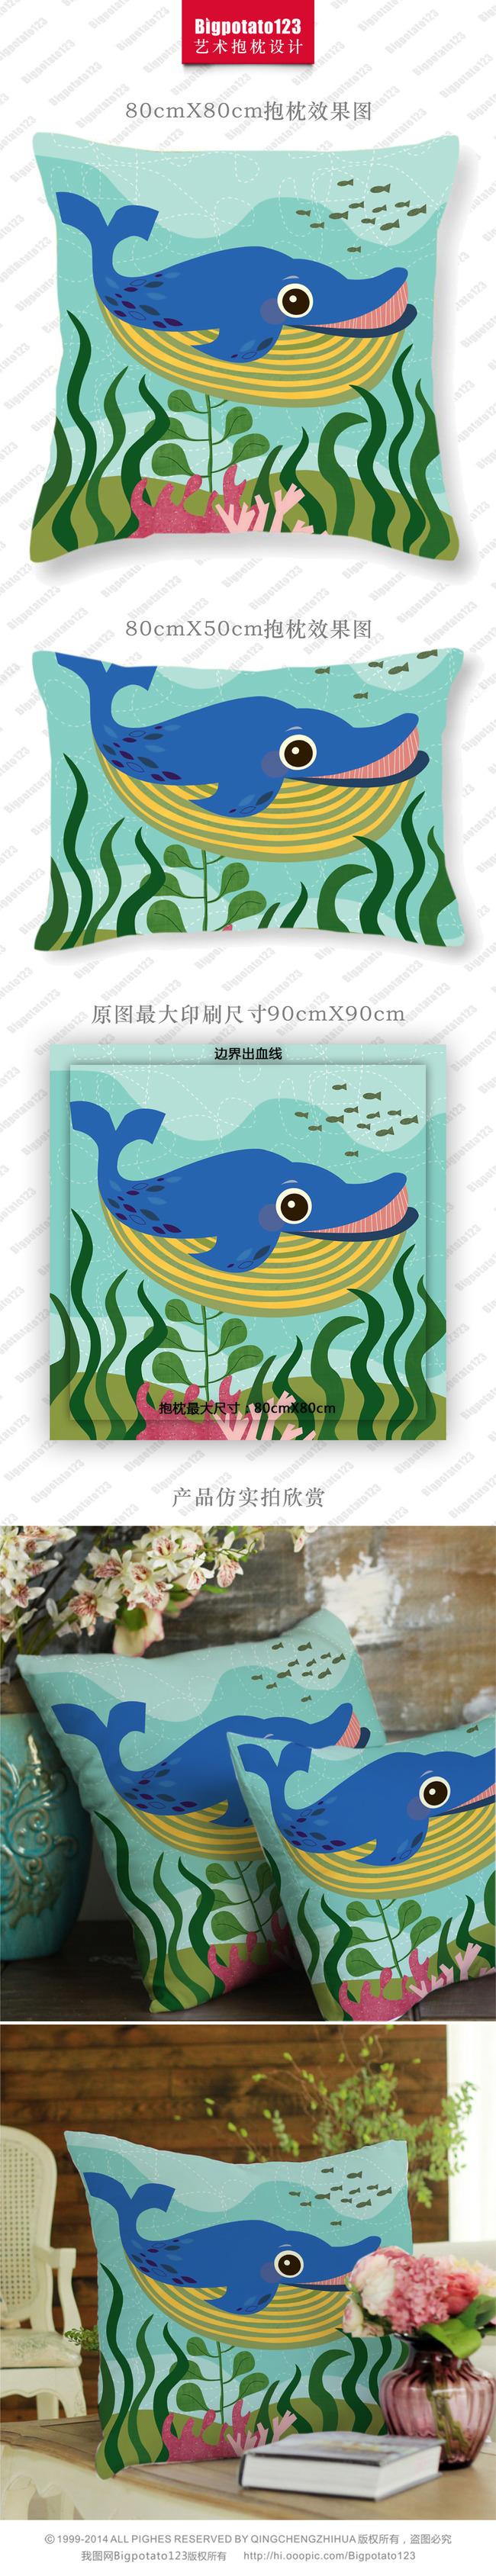 可爱儿童卡通海底世界鲸鱼水草抱枕